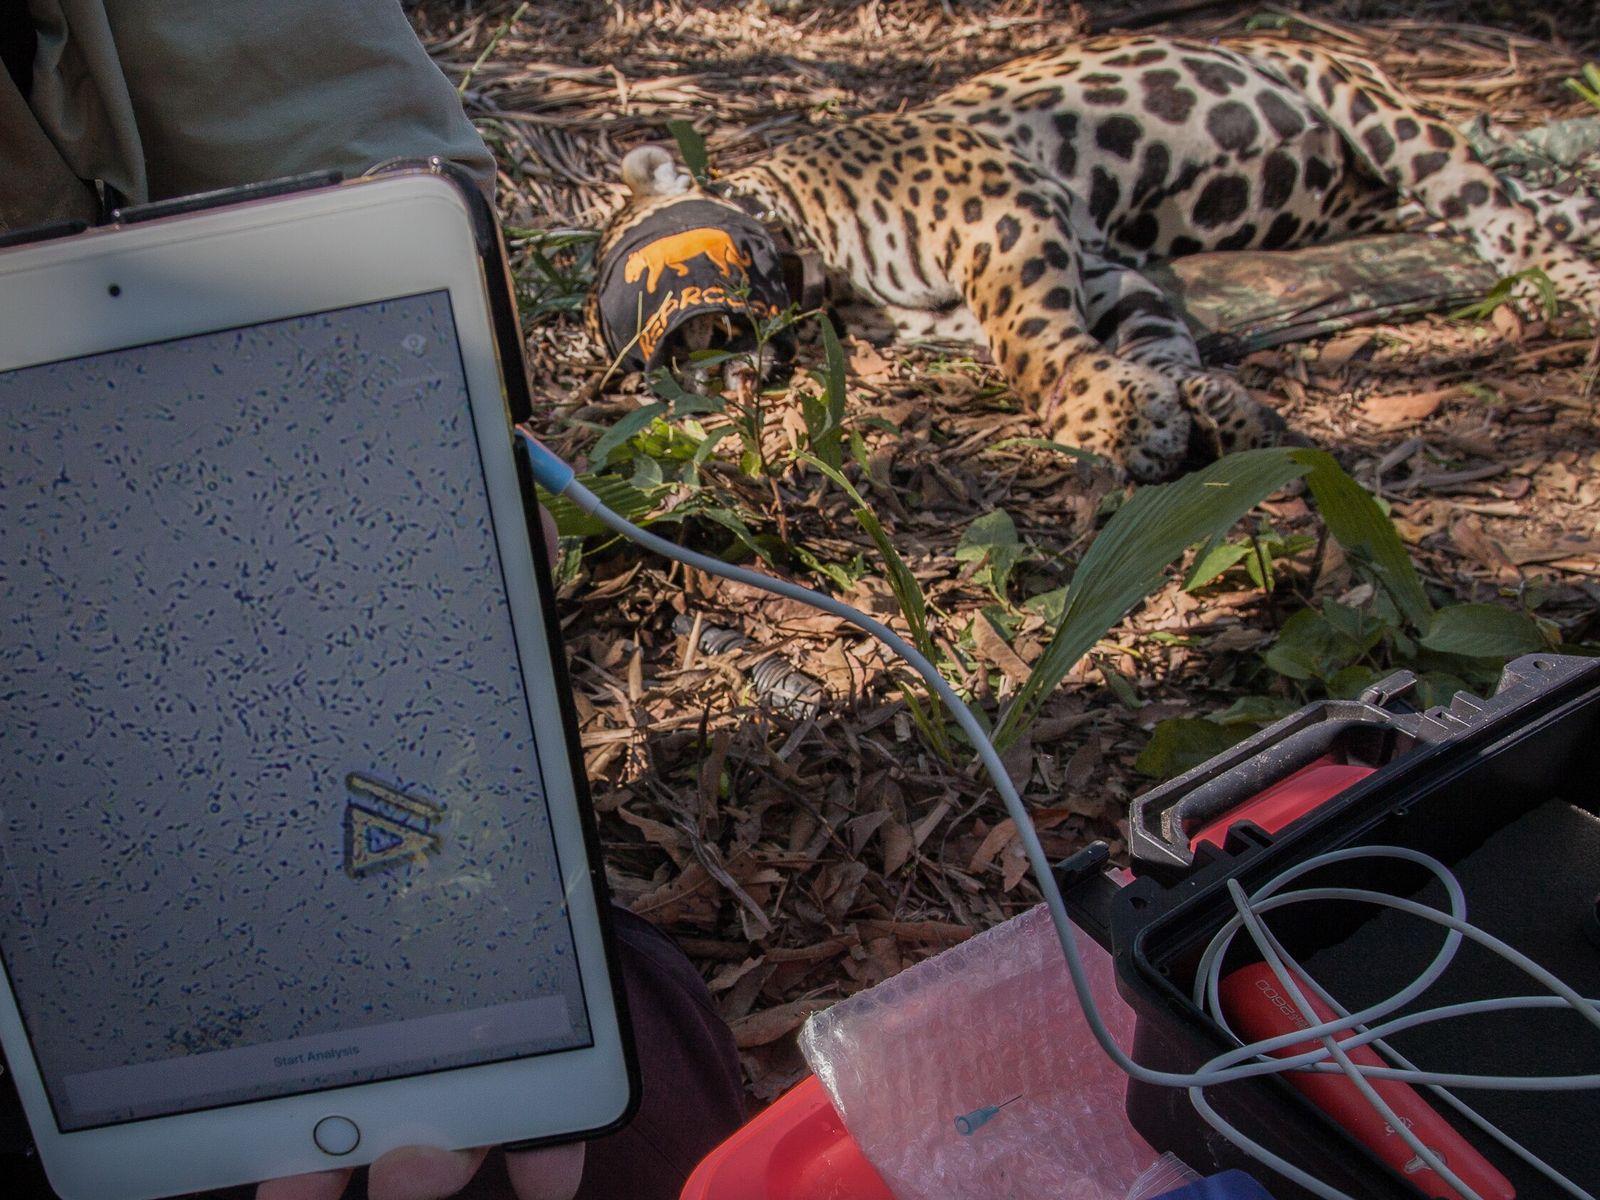 Recolección de semen de jaguar